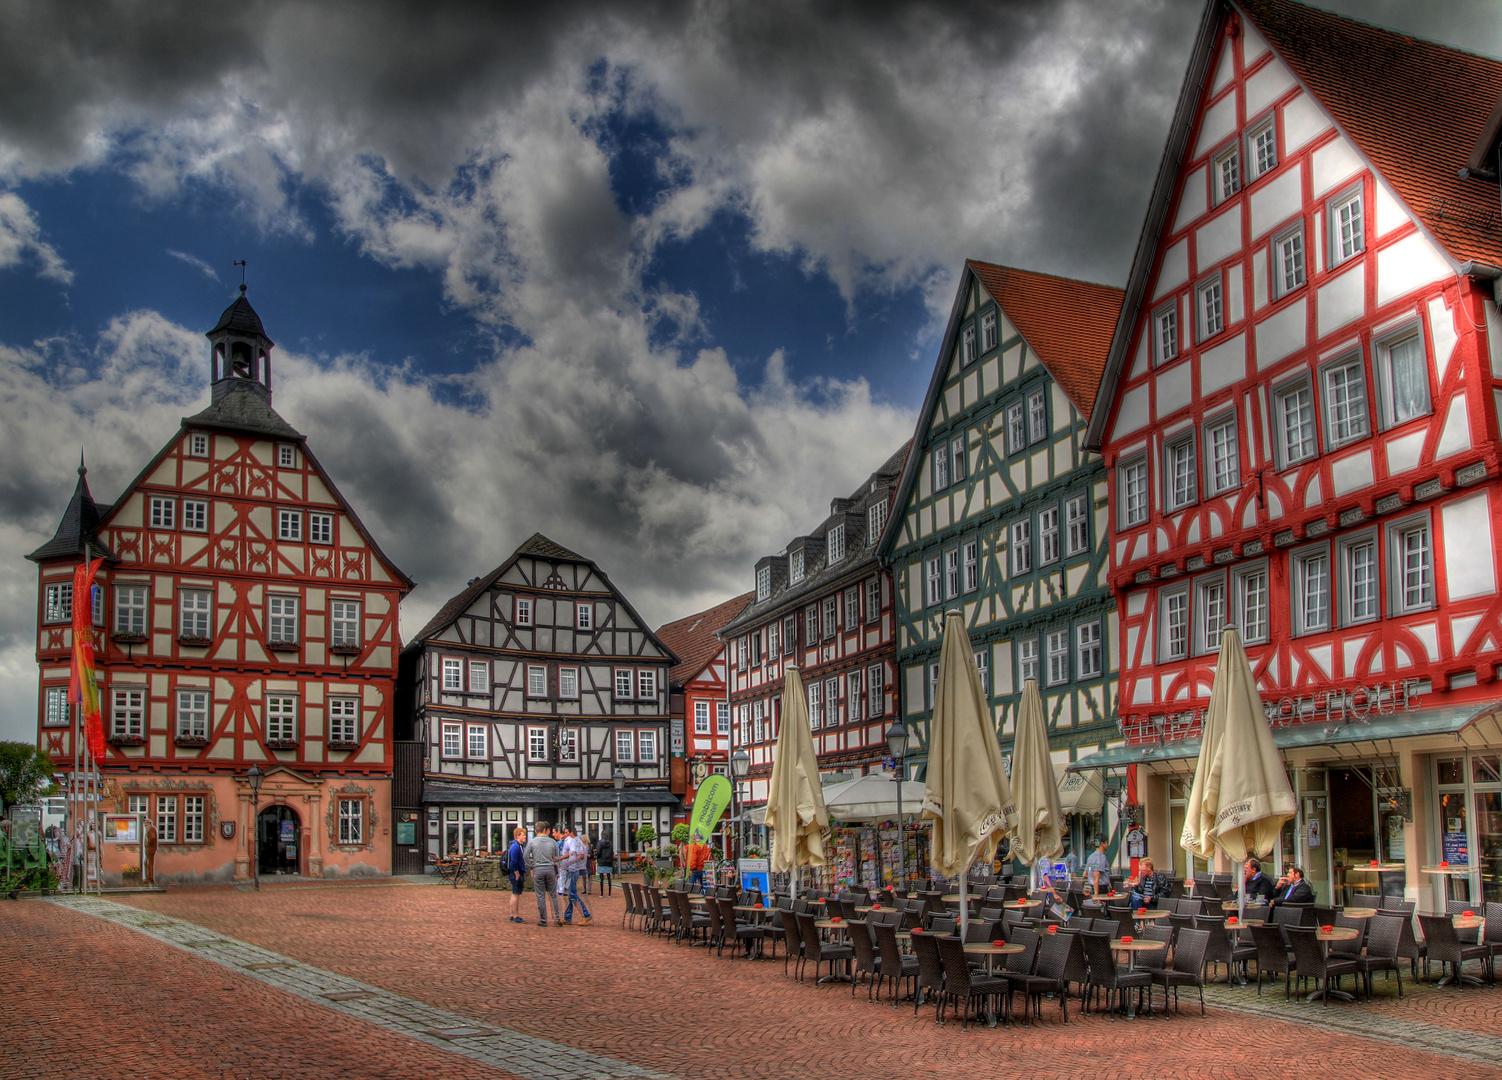 Marktplatz und Altstadt von Grünberg (Hessen) Foto & Bild ...